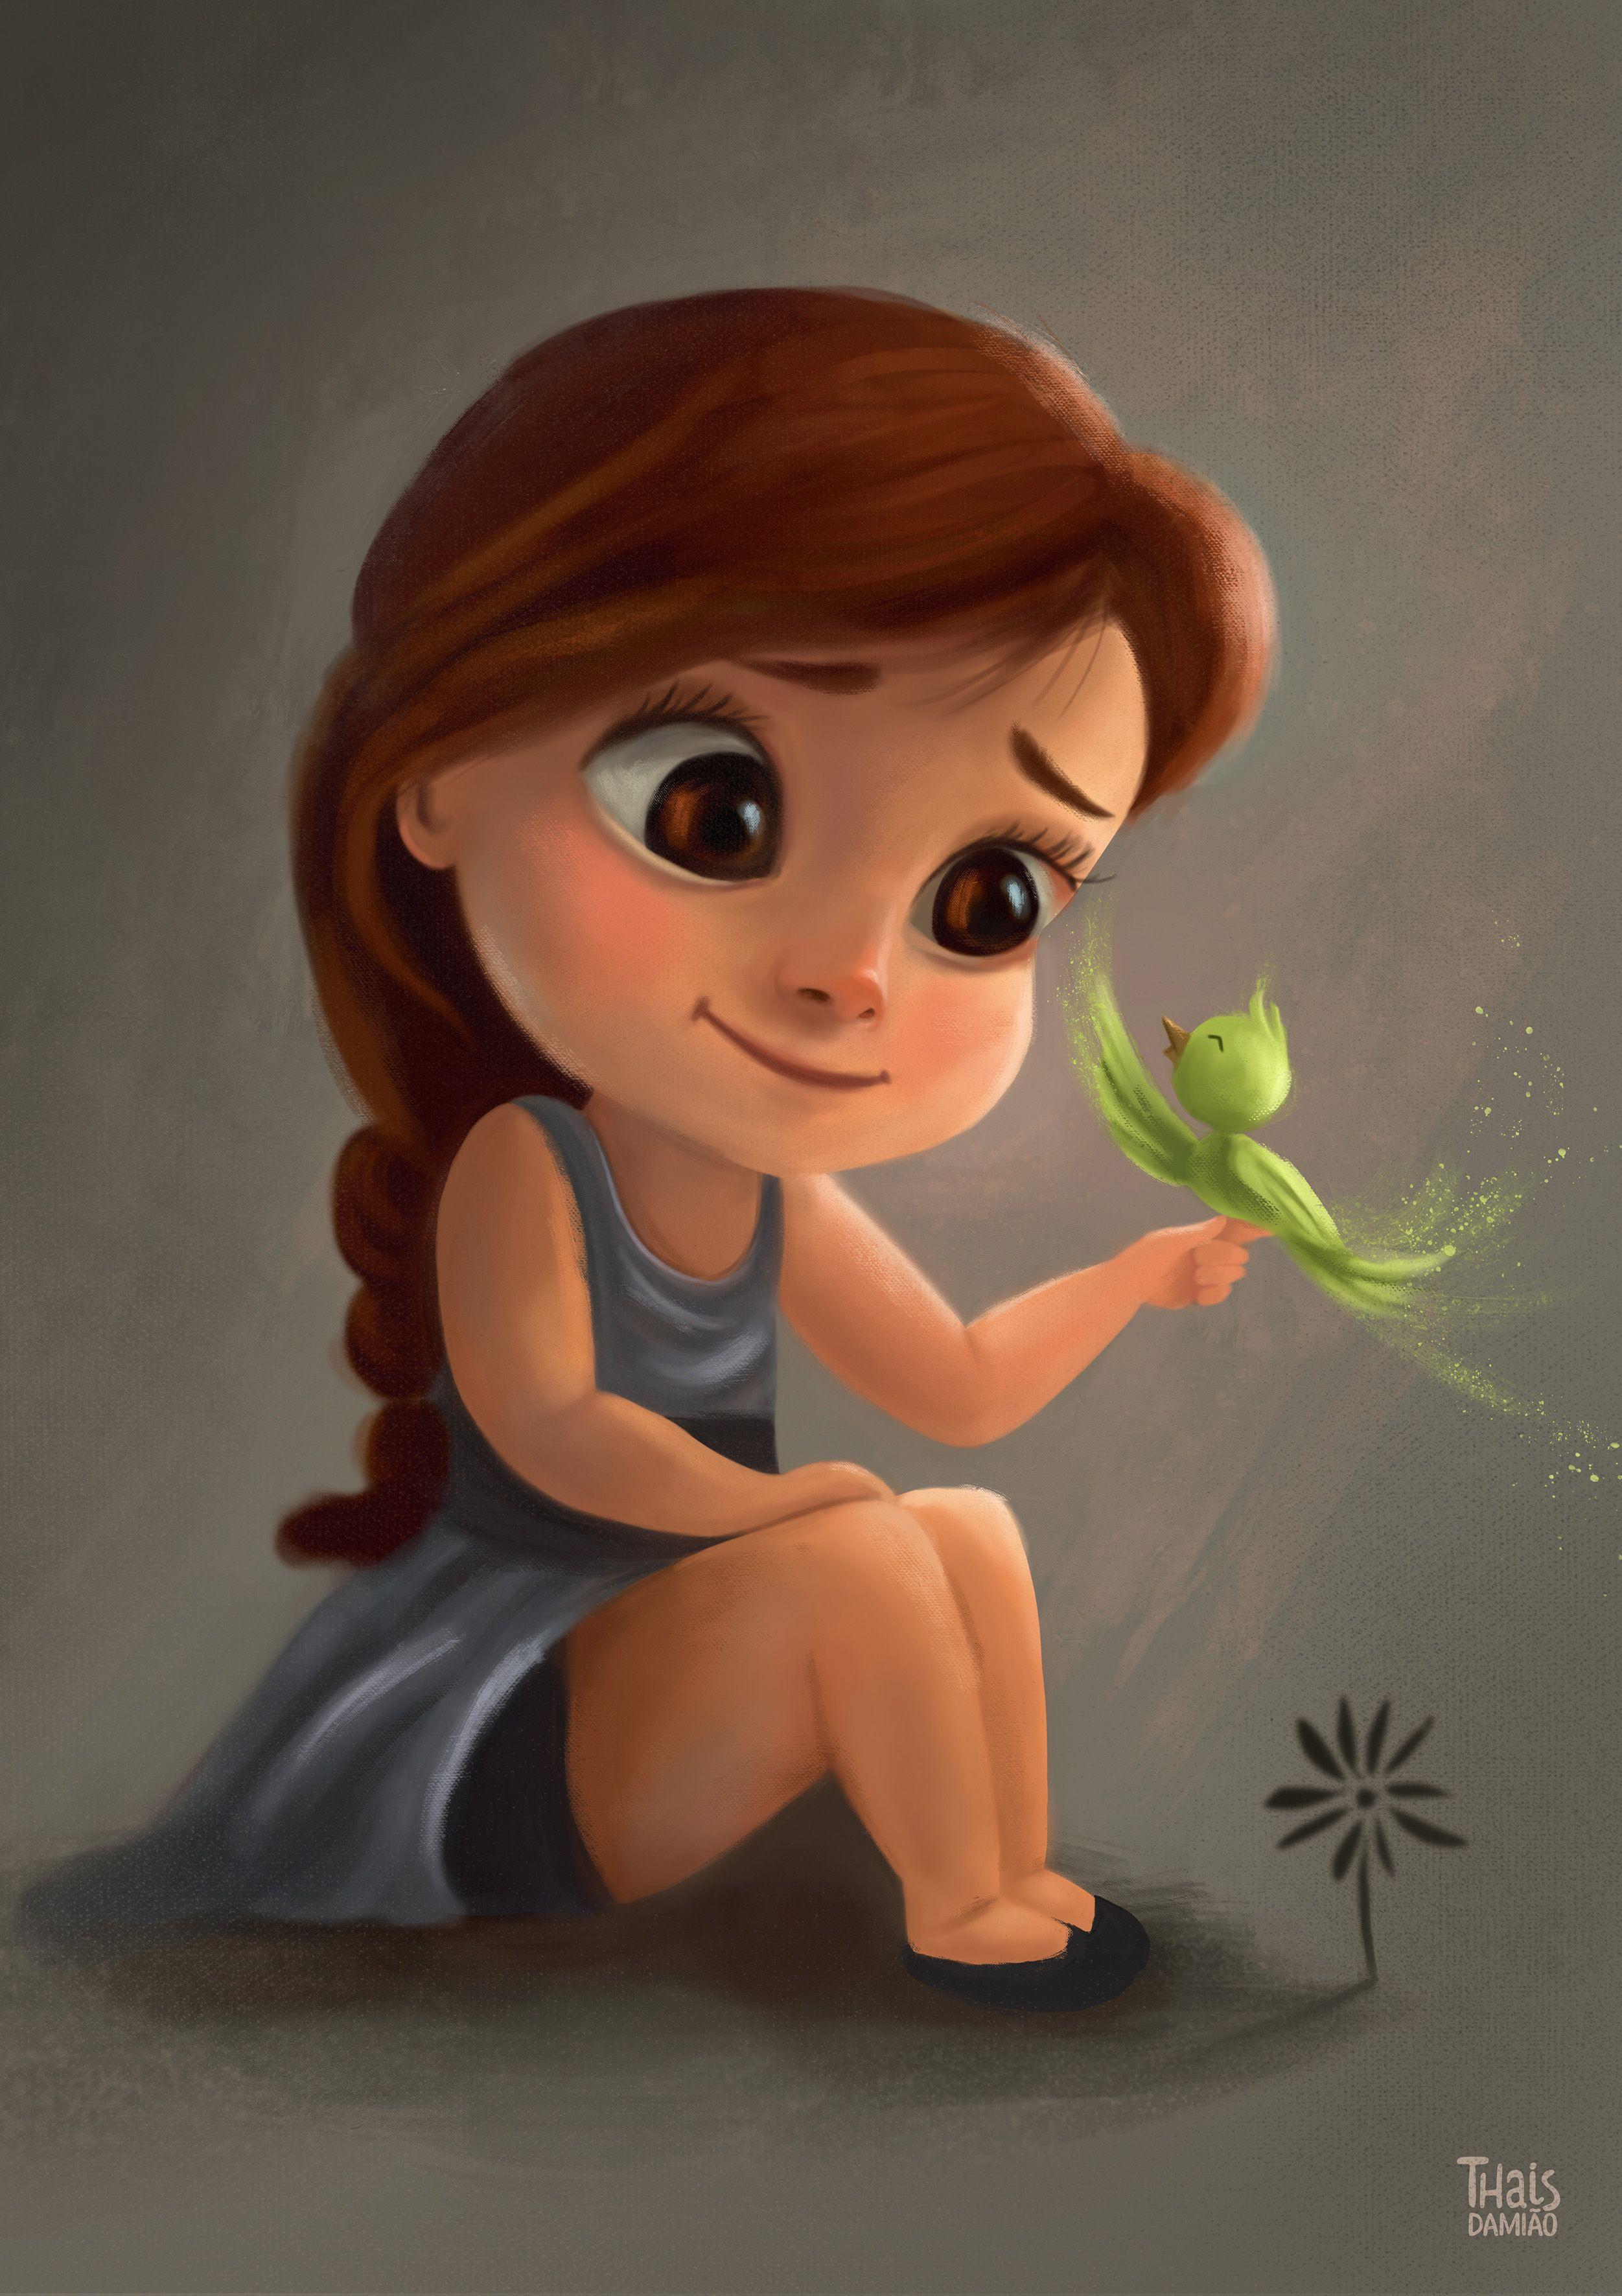 Little Girl By Thaisdamiao Cartoon 2d Cgsociety Cute